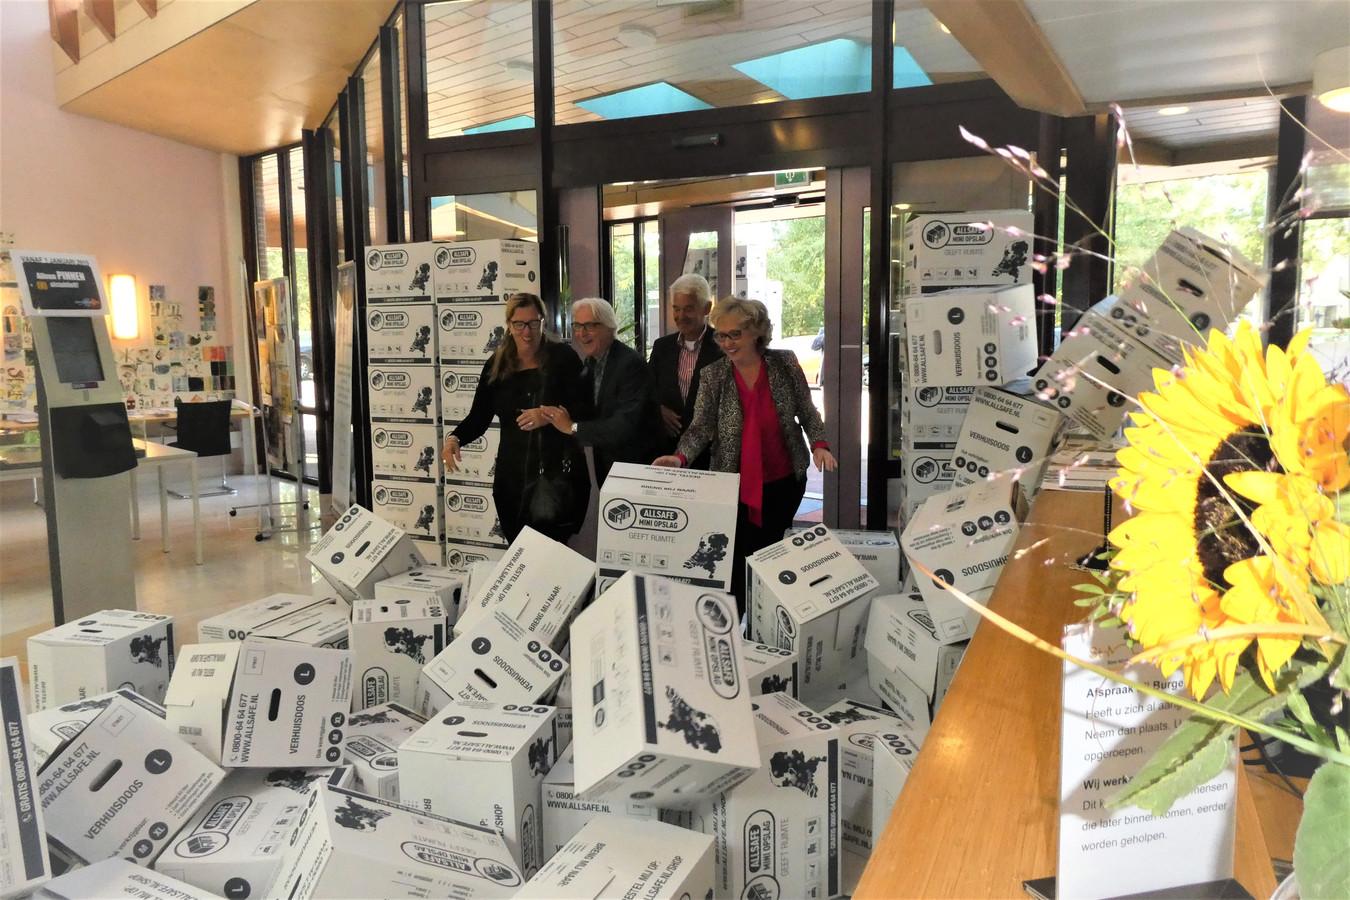 V.l.n.r. Rita van de Wouw (Bint), Martin Hol (bibliotheek Brenthof), Henk van Hemmen (De Huif) en wethouder Lianne van der Aa duwen verhuisdozen weg bij de ingang van het gemeentehuis in Sint-Michielsgestel.